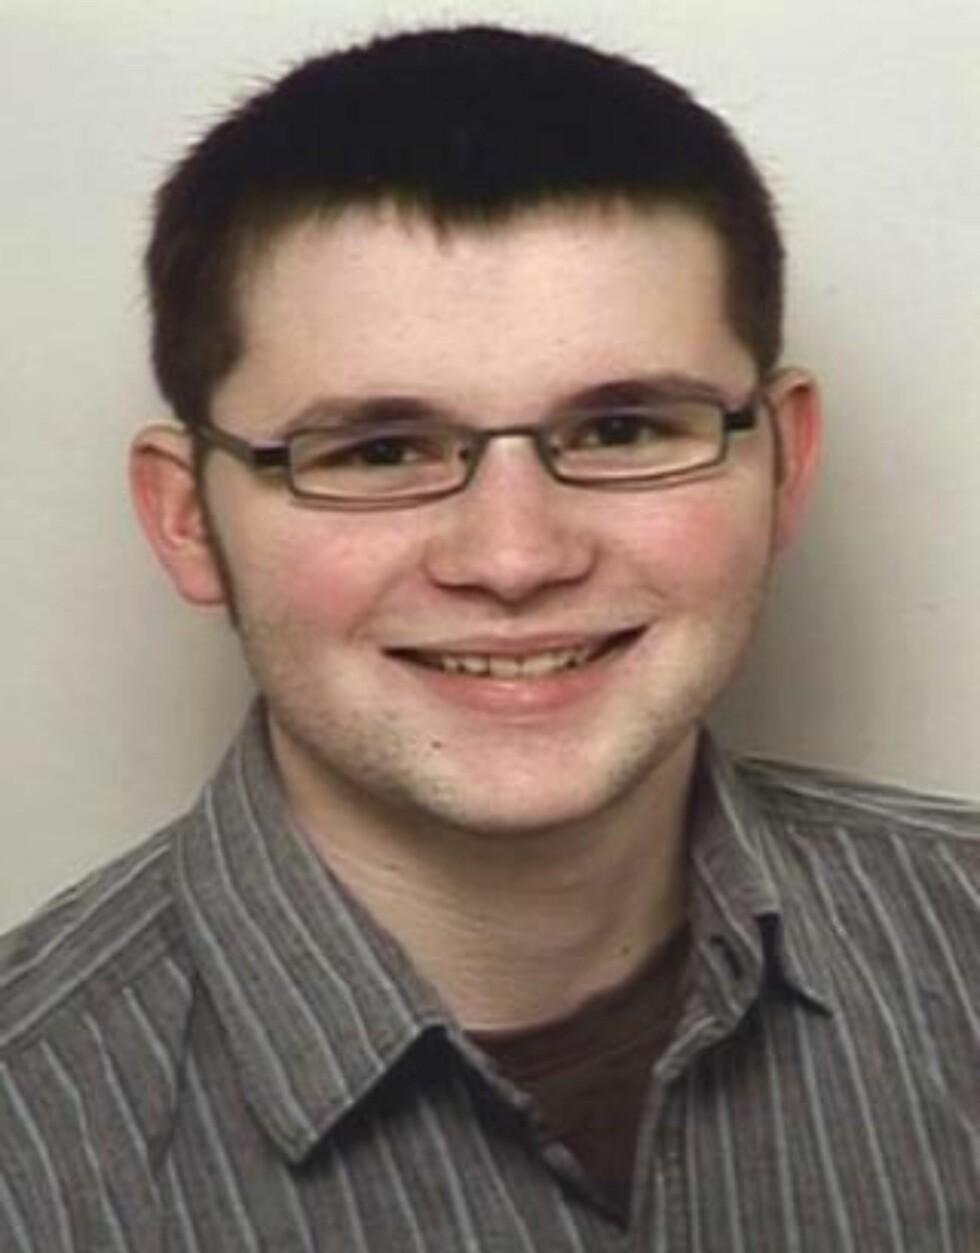 INNADVENT: Naboer og venner beskriver Tim Kretschmer (17) som stille og høflig. Arkivfoto: REUTERS/SCANPIX